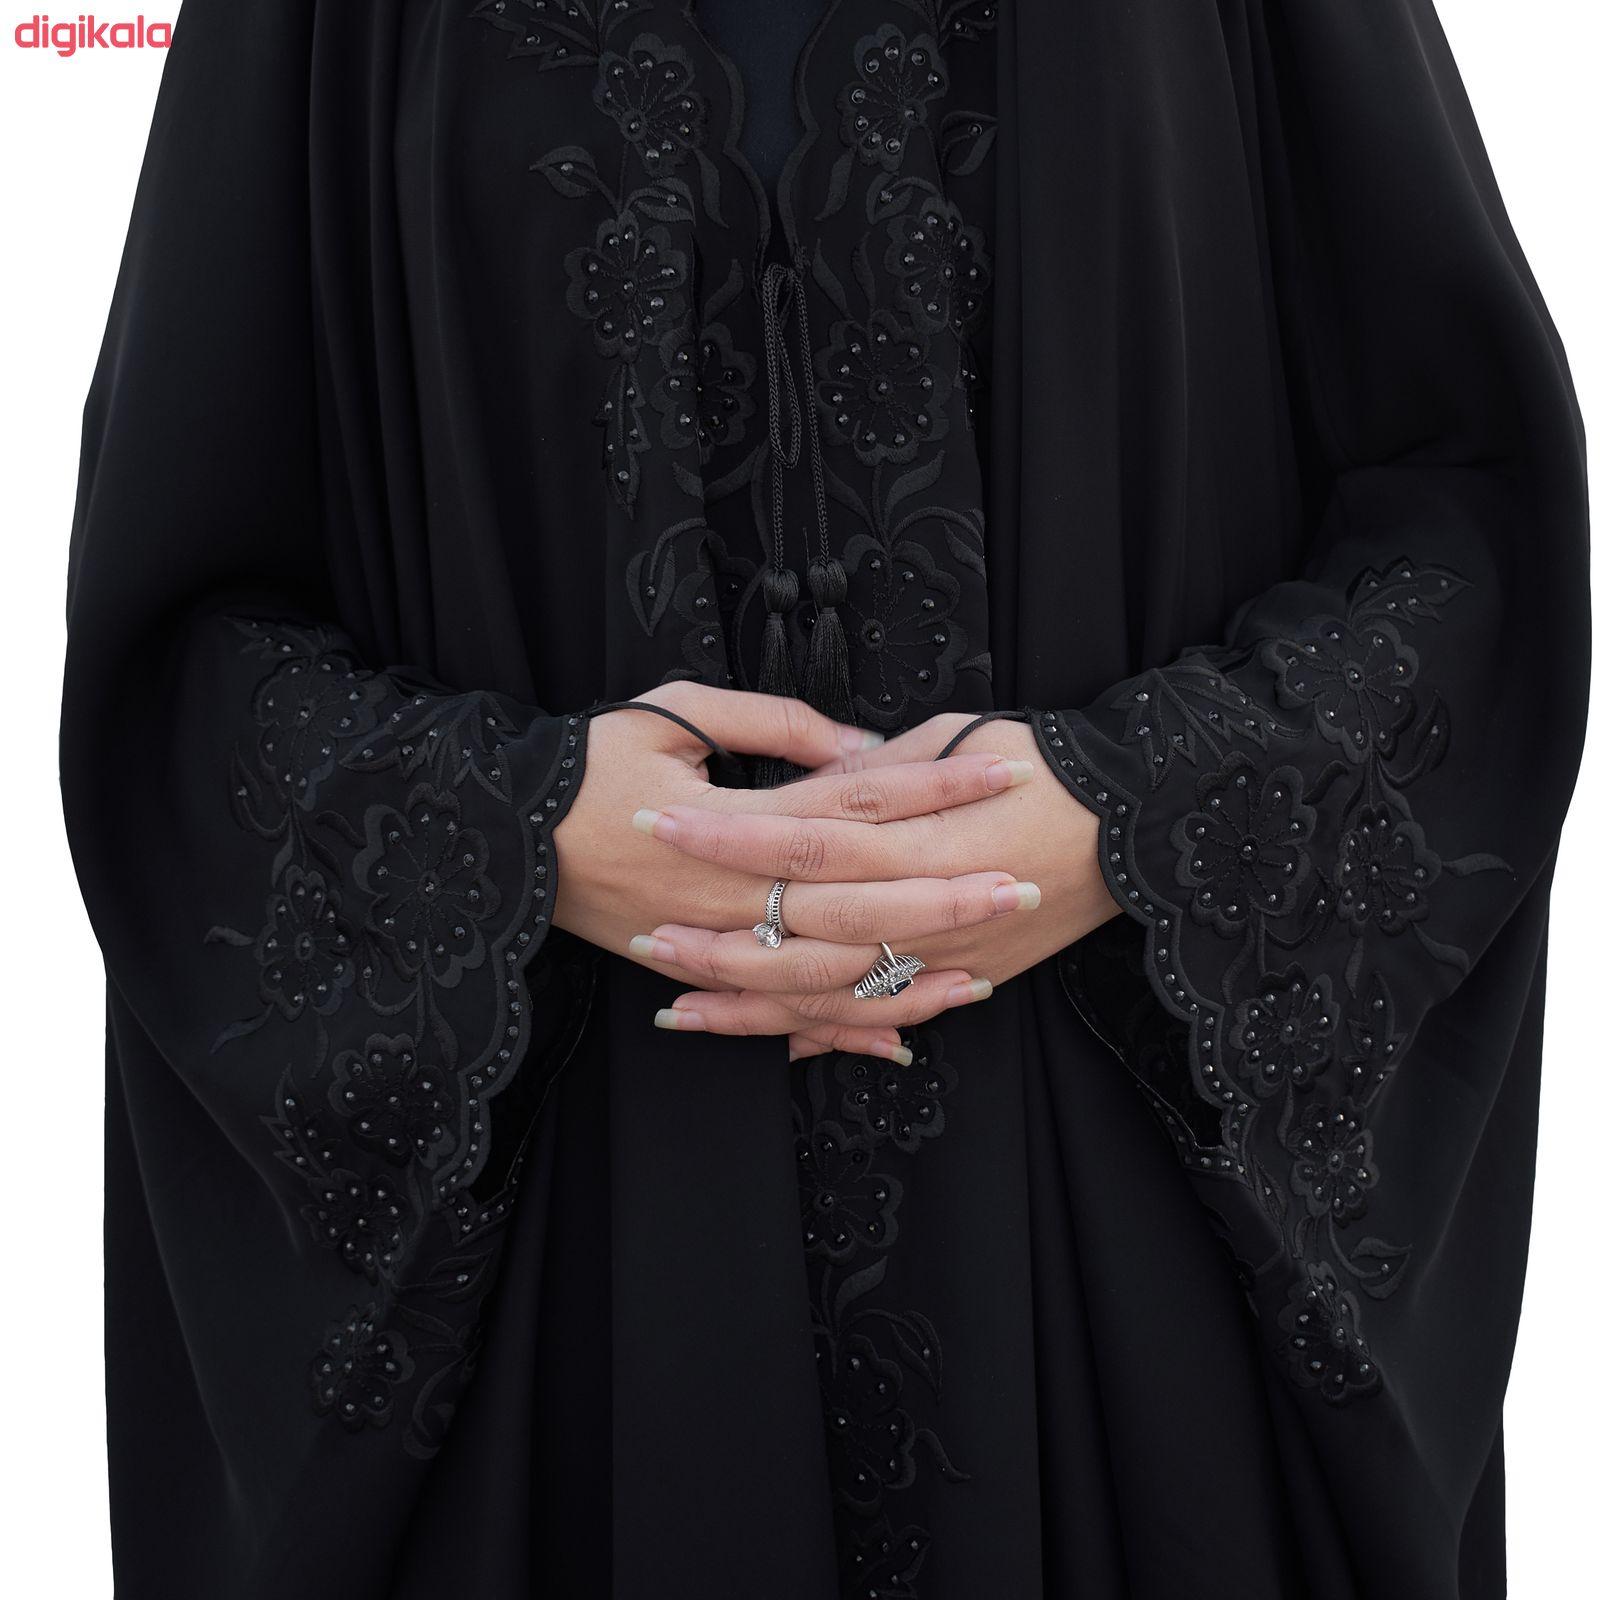 چادر حجاب فاطمی مدل سما کد Kan 1049 main 1 1